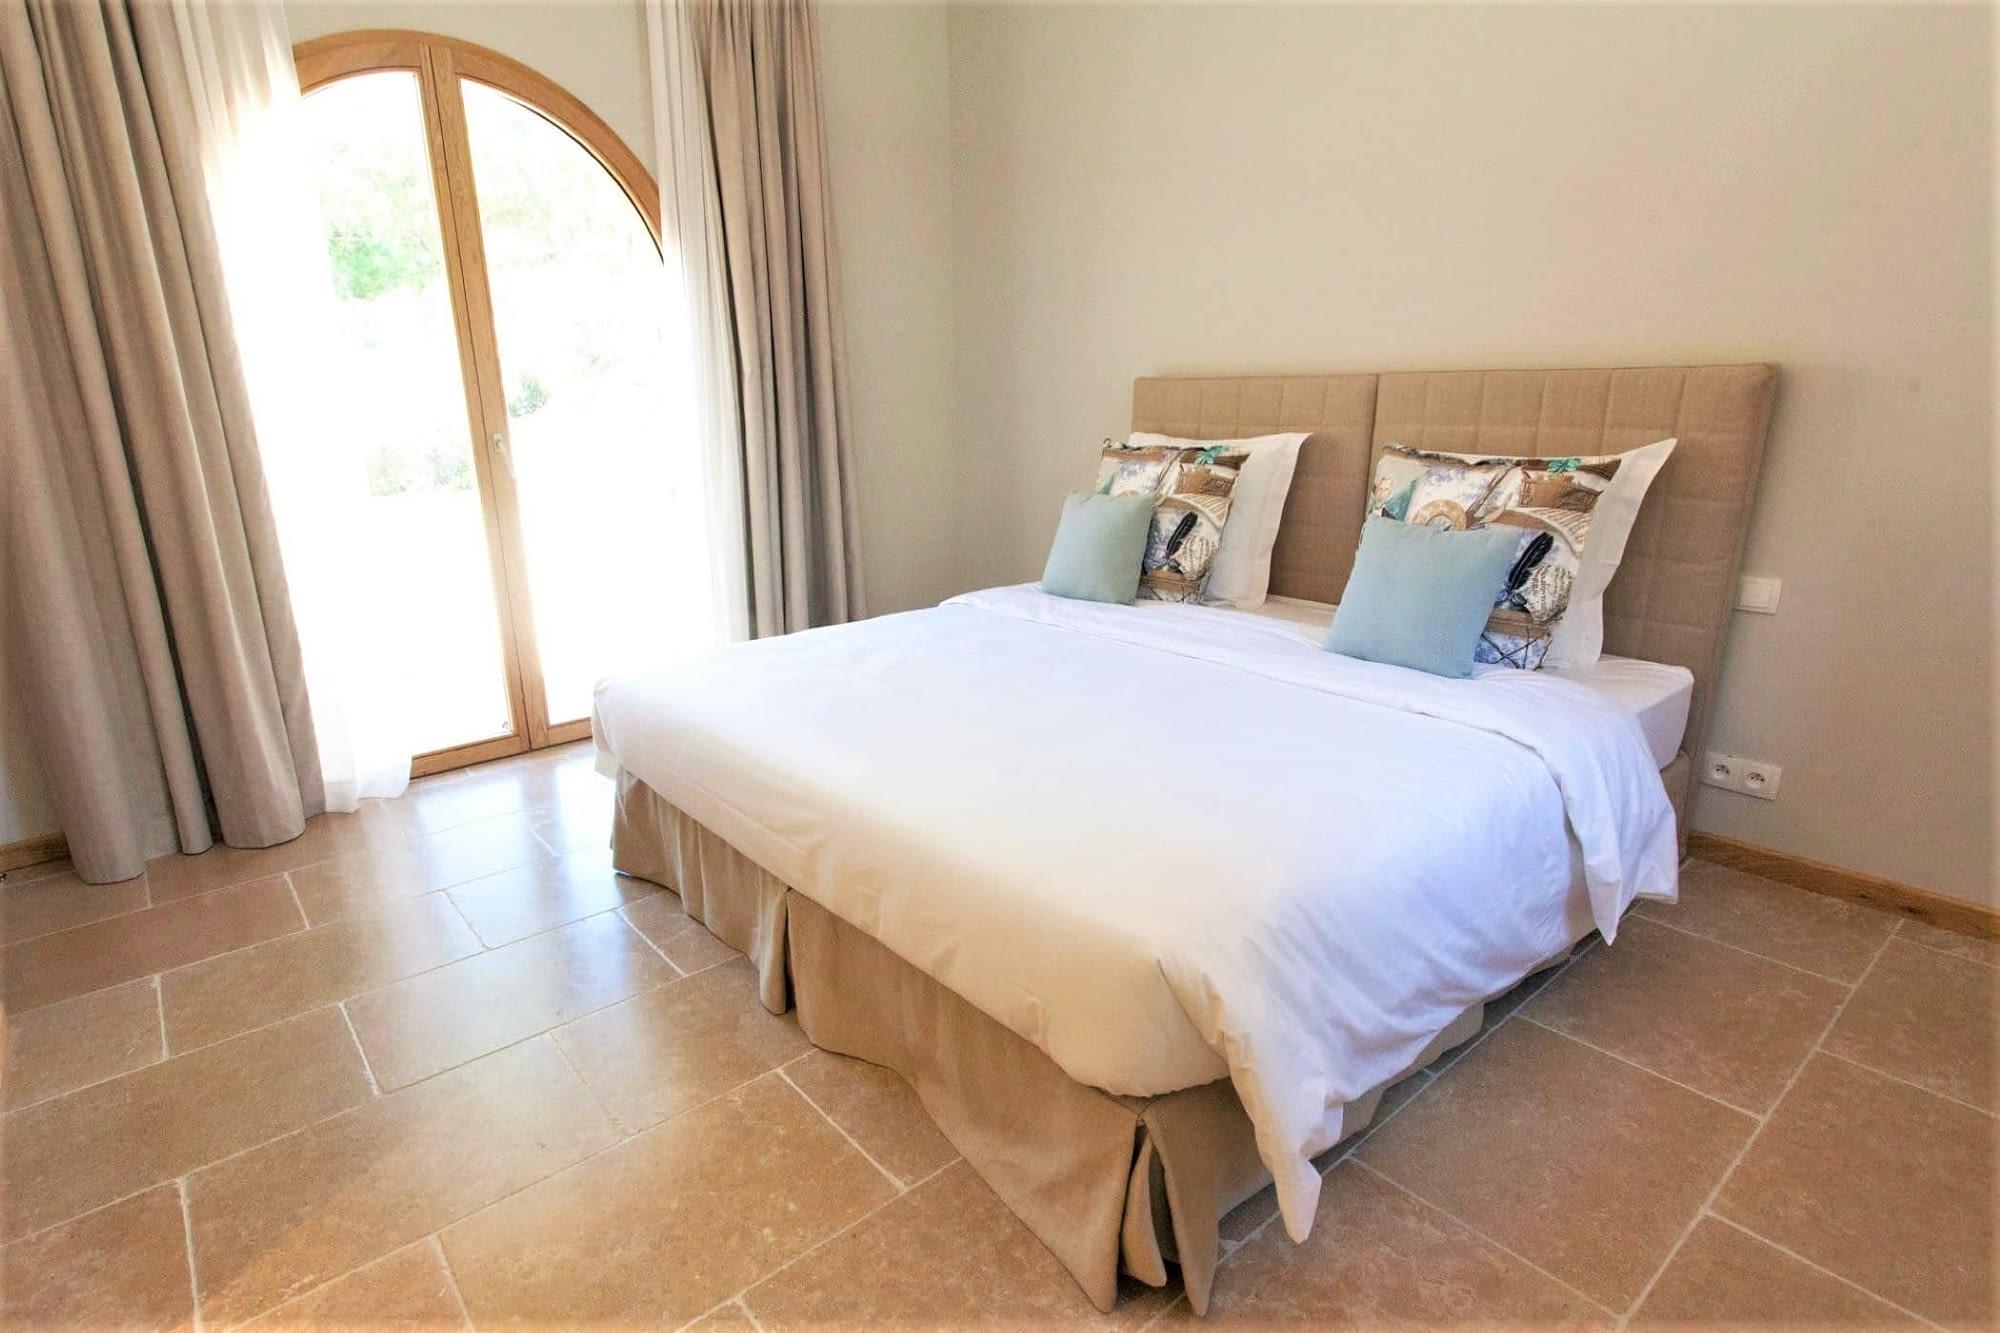 Lit dans la chambre L'Arbousier / Bed in the bedroom of the house L'Arbousier